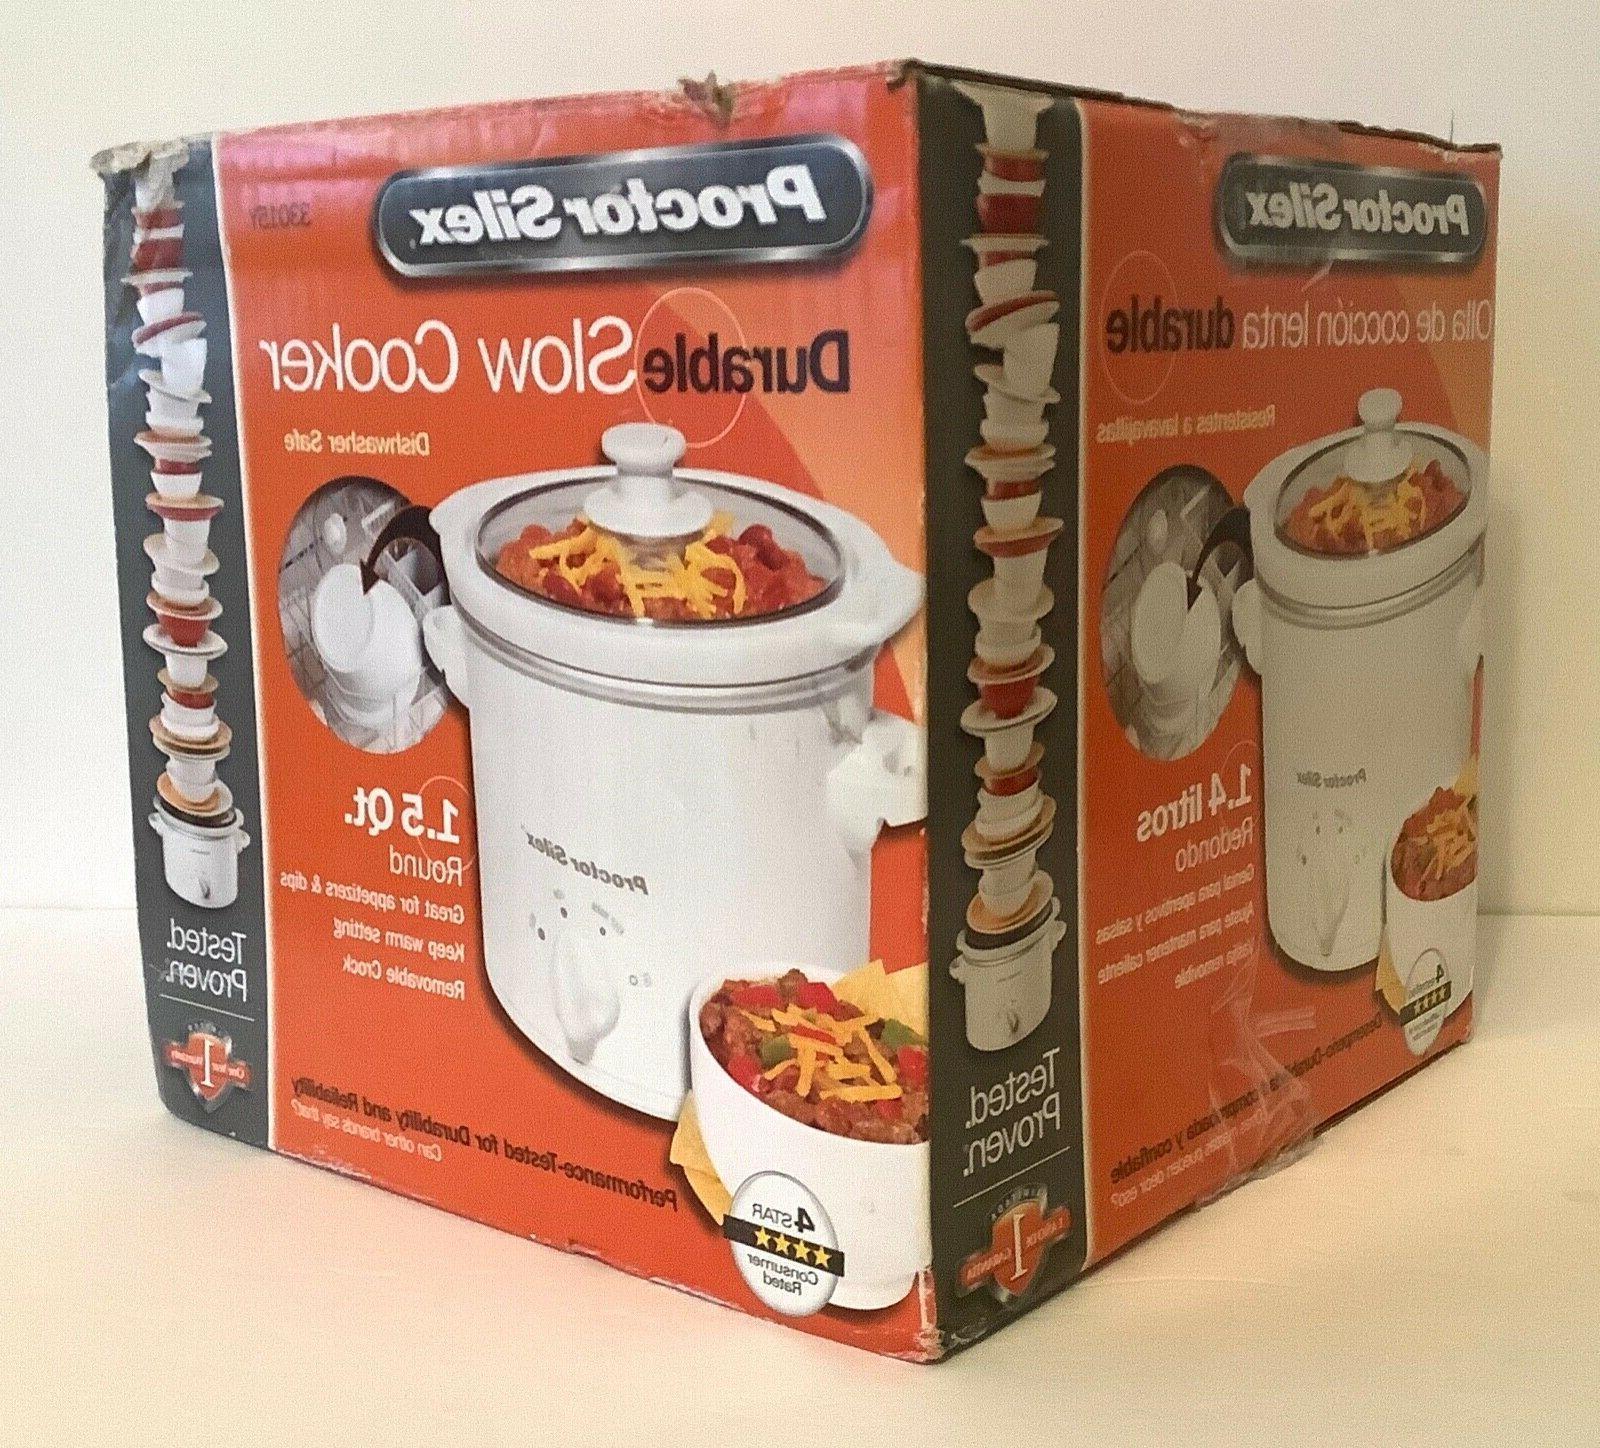 Brand Durable Quart Cooker Crockpot is